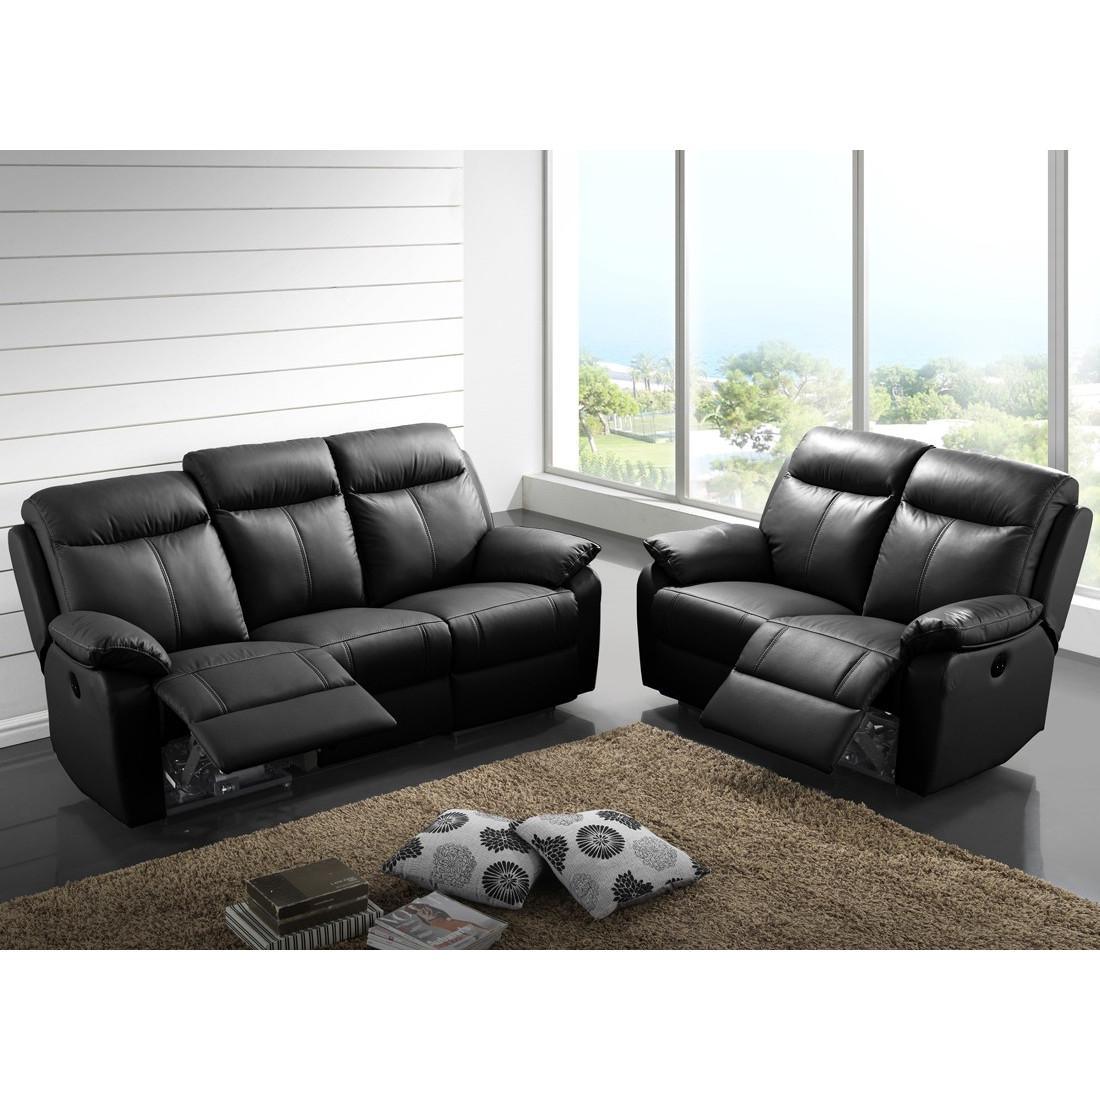 canap relax lectrique 3 places canap relax lectrique 2 places cuir vyctoire univers des. Black Bedroom Furniture Sets. Home Design Ideas